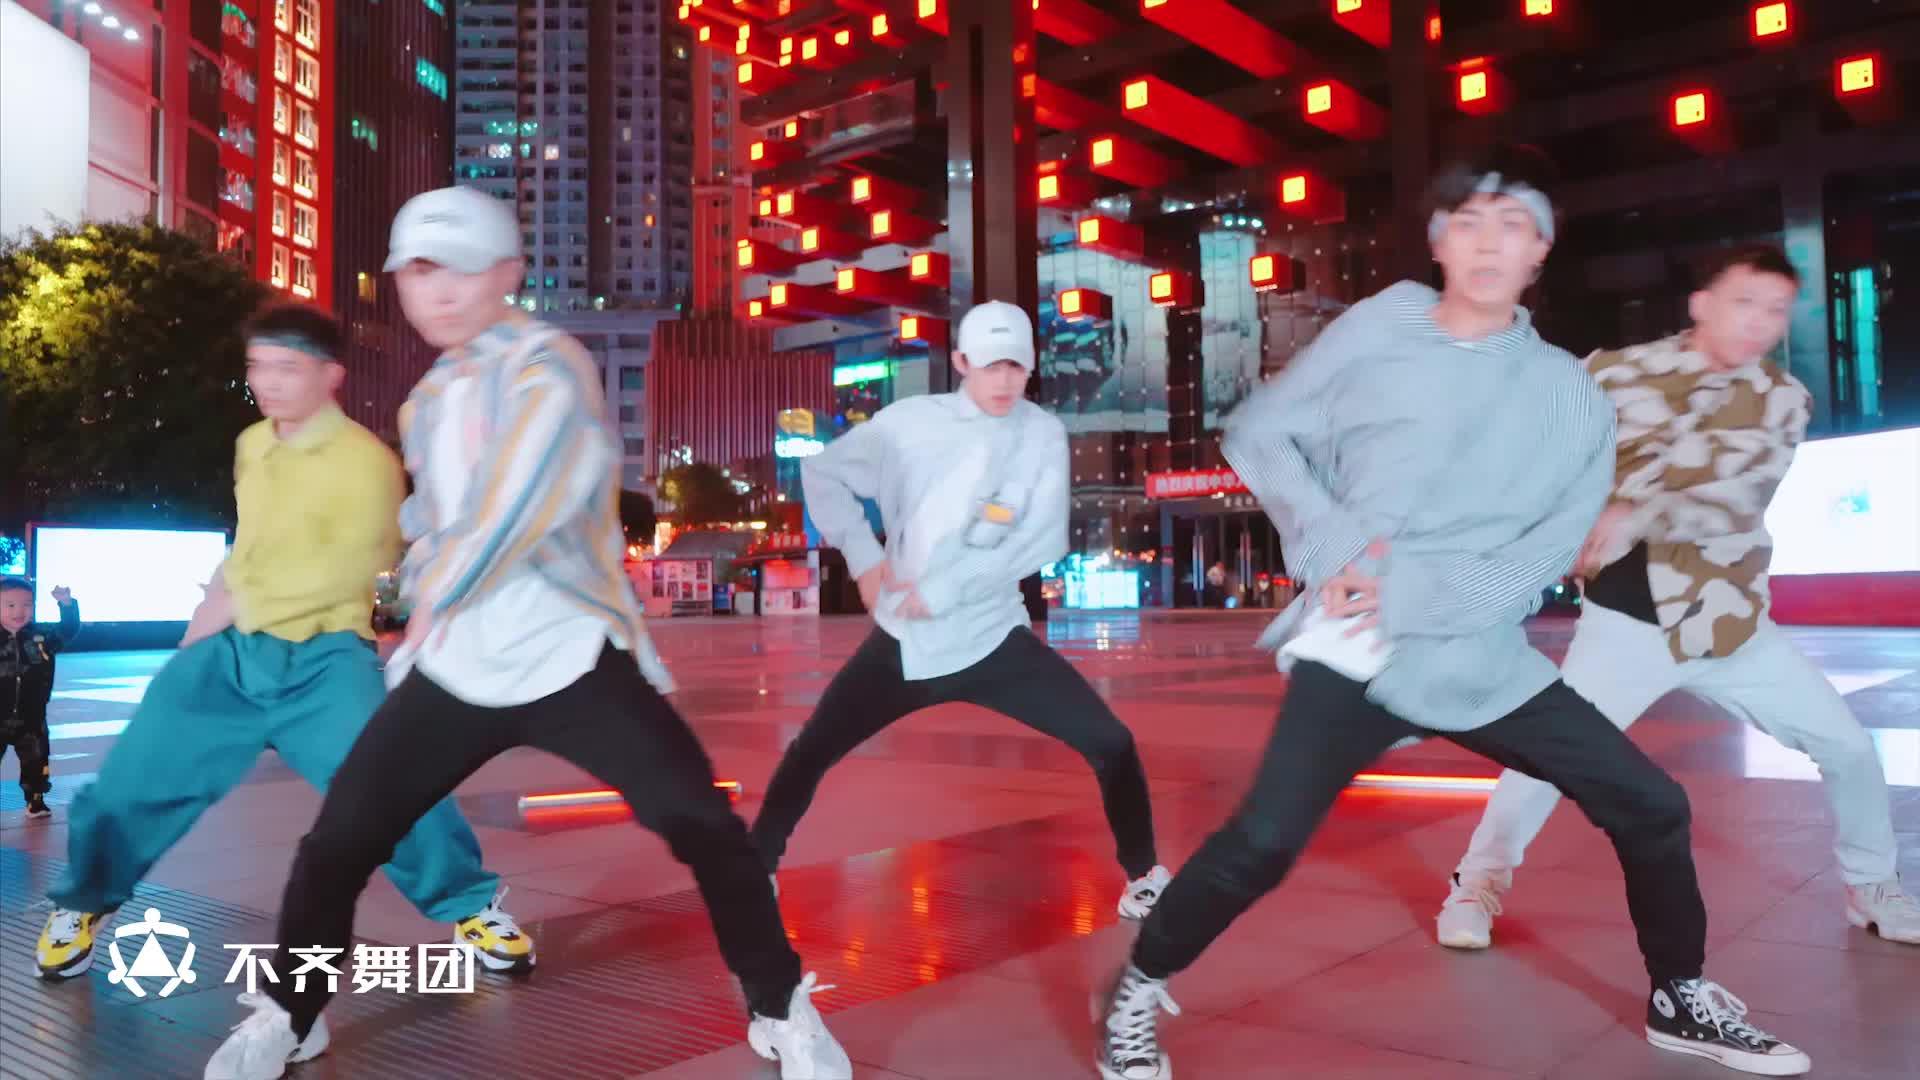 BTS《血汗泪》舞蹈翻跳,阿米们来收作业啦